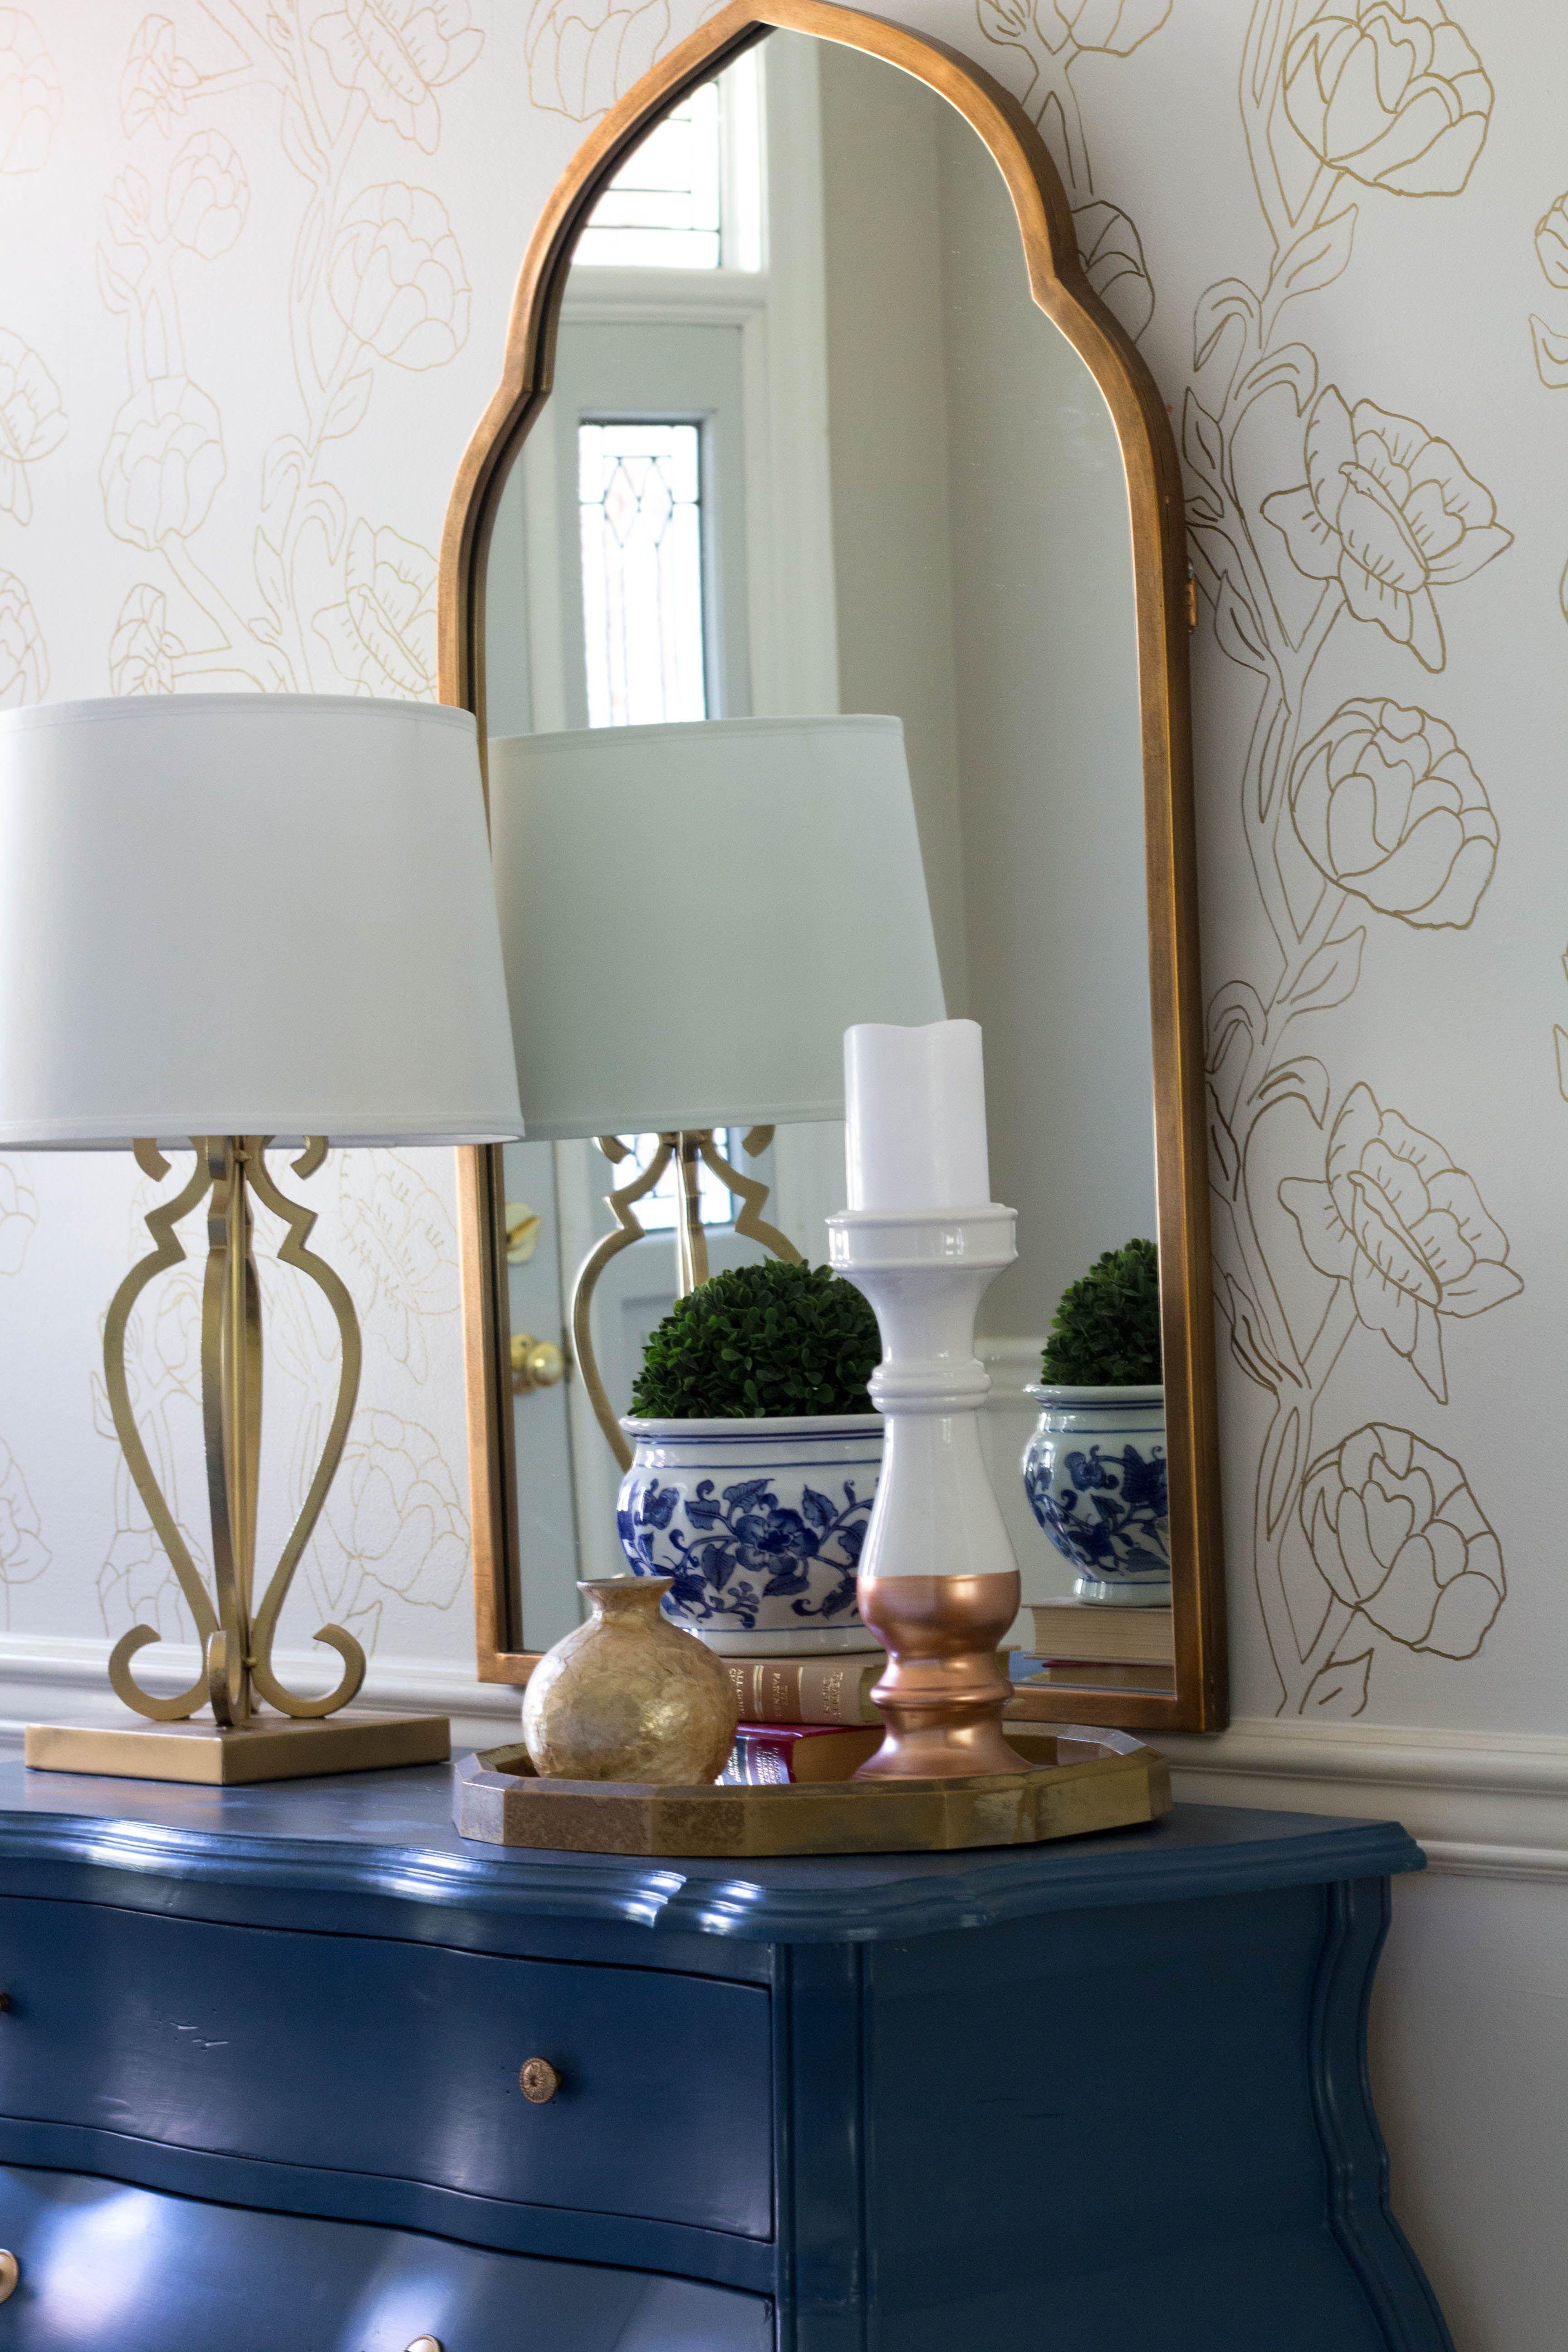 Diy faux floral wallpaper with sharpie pen floral